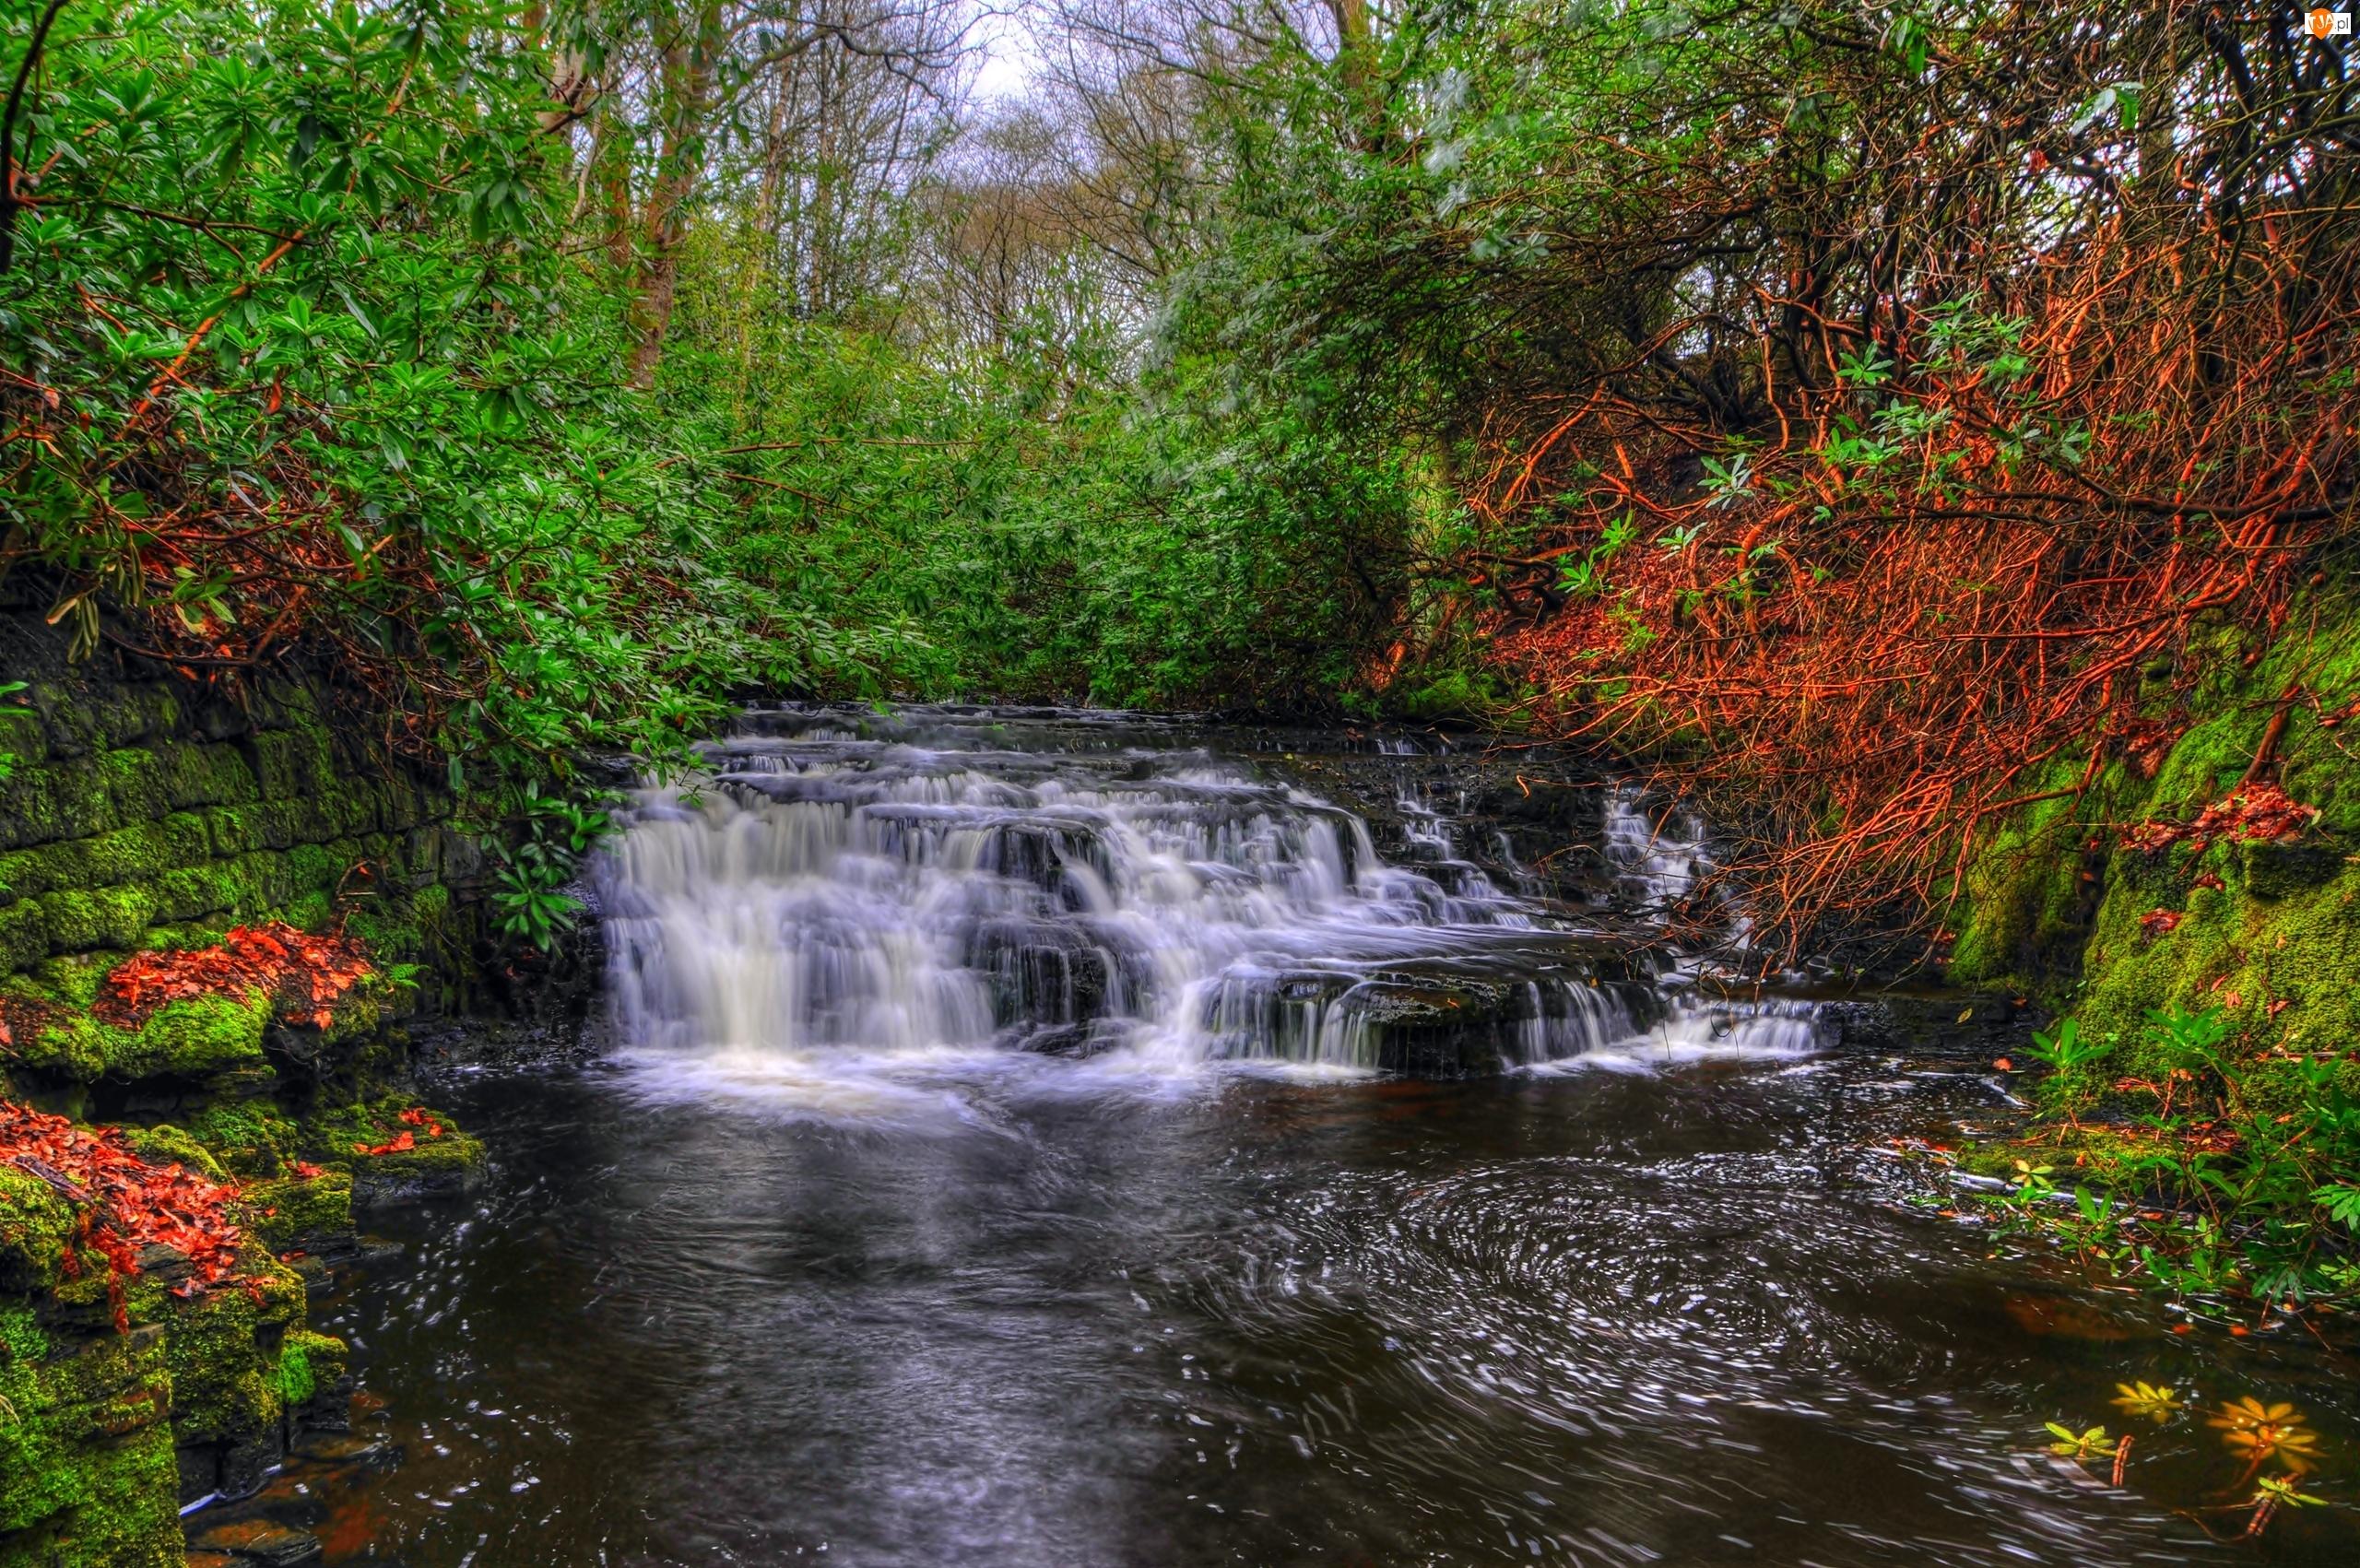 Wodospad, Drzewa, Anglia, Krzewy, Hrabstwo Lancashire, Kaskada